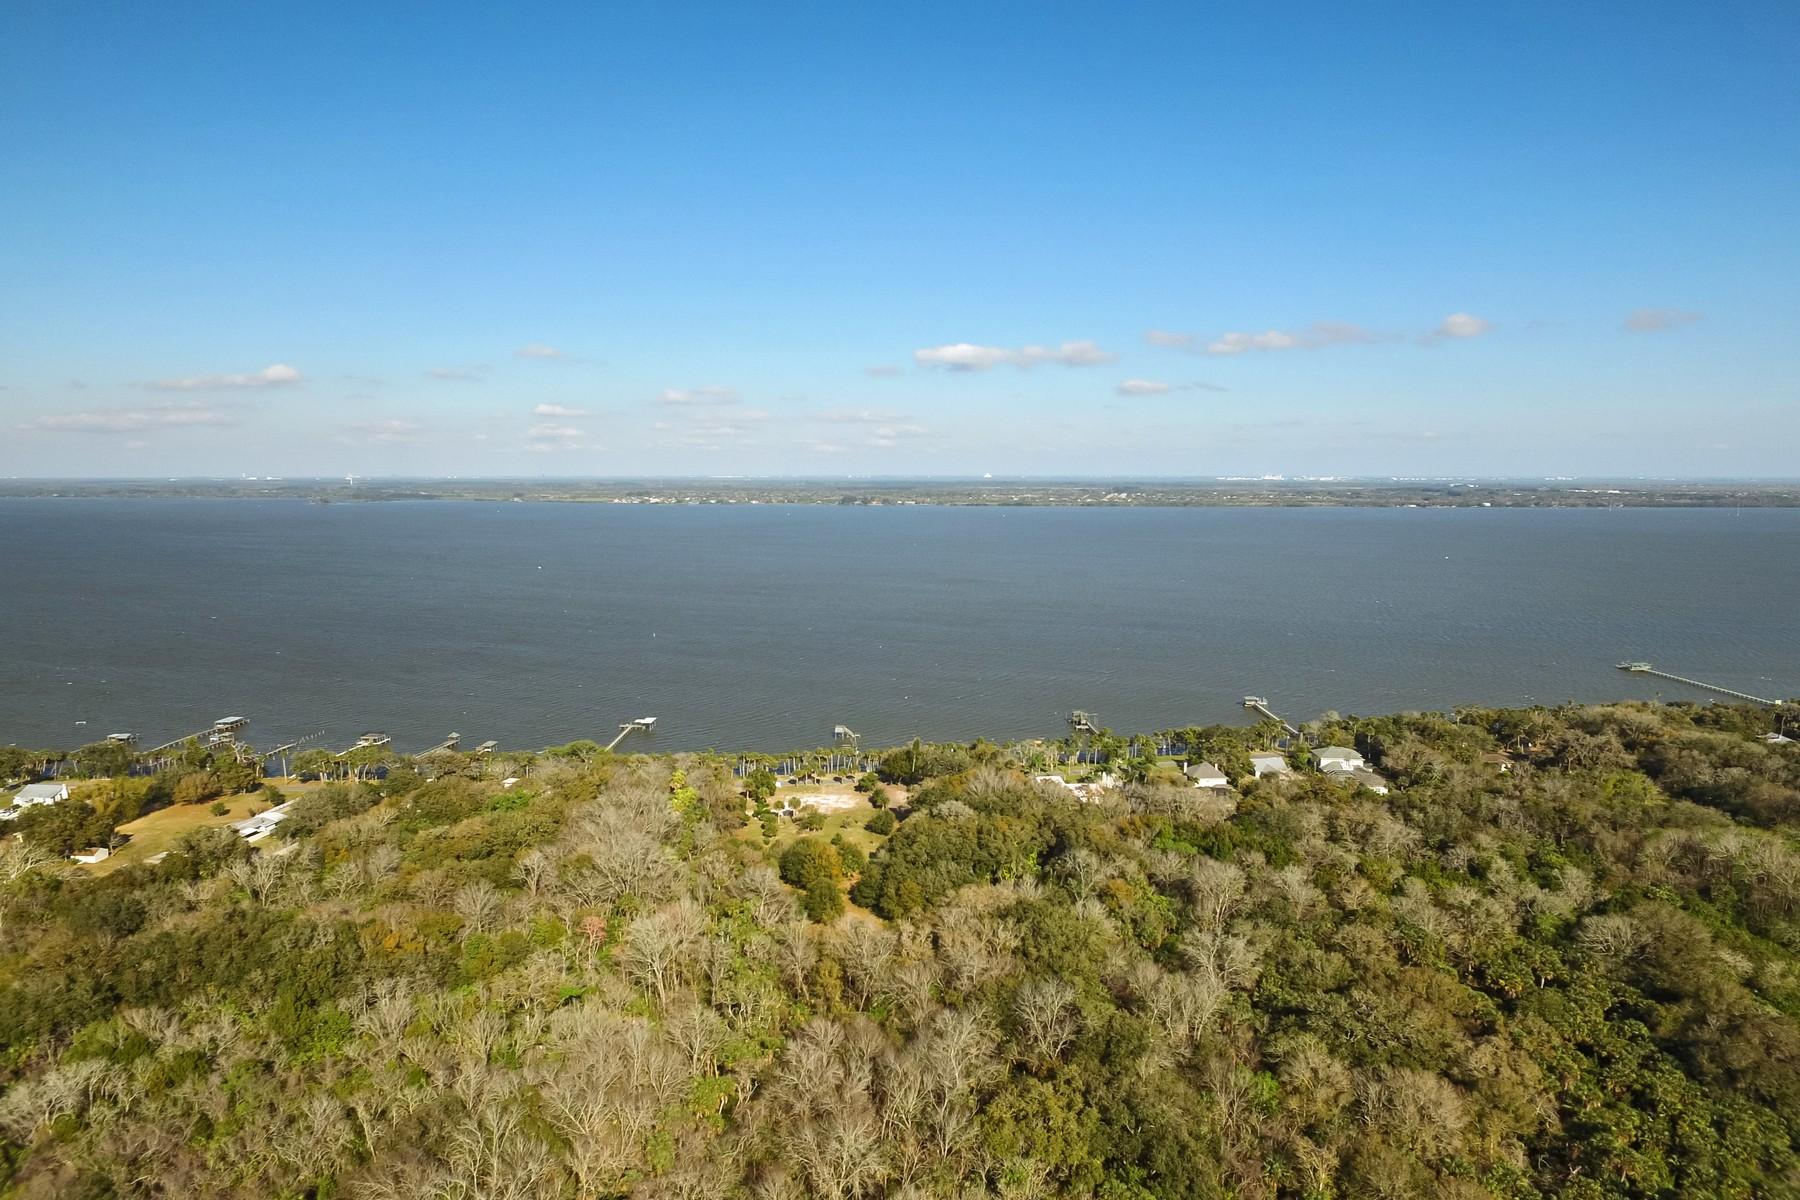 Đất đai vì Bán tại 3885 Indian River Drive Cocoa, Florida, 32926 Hoa Kỳ